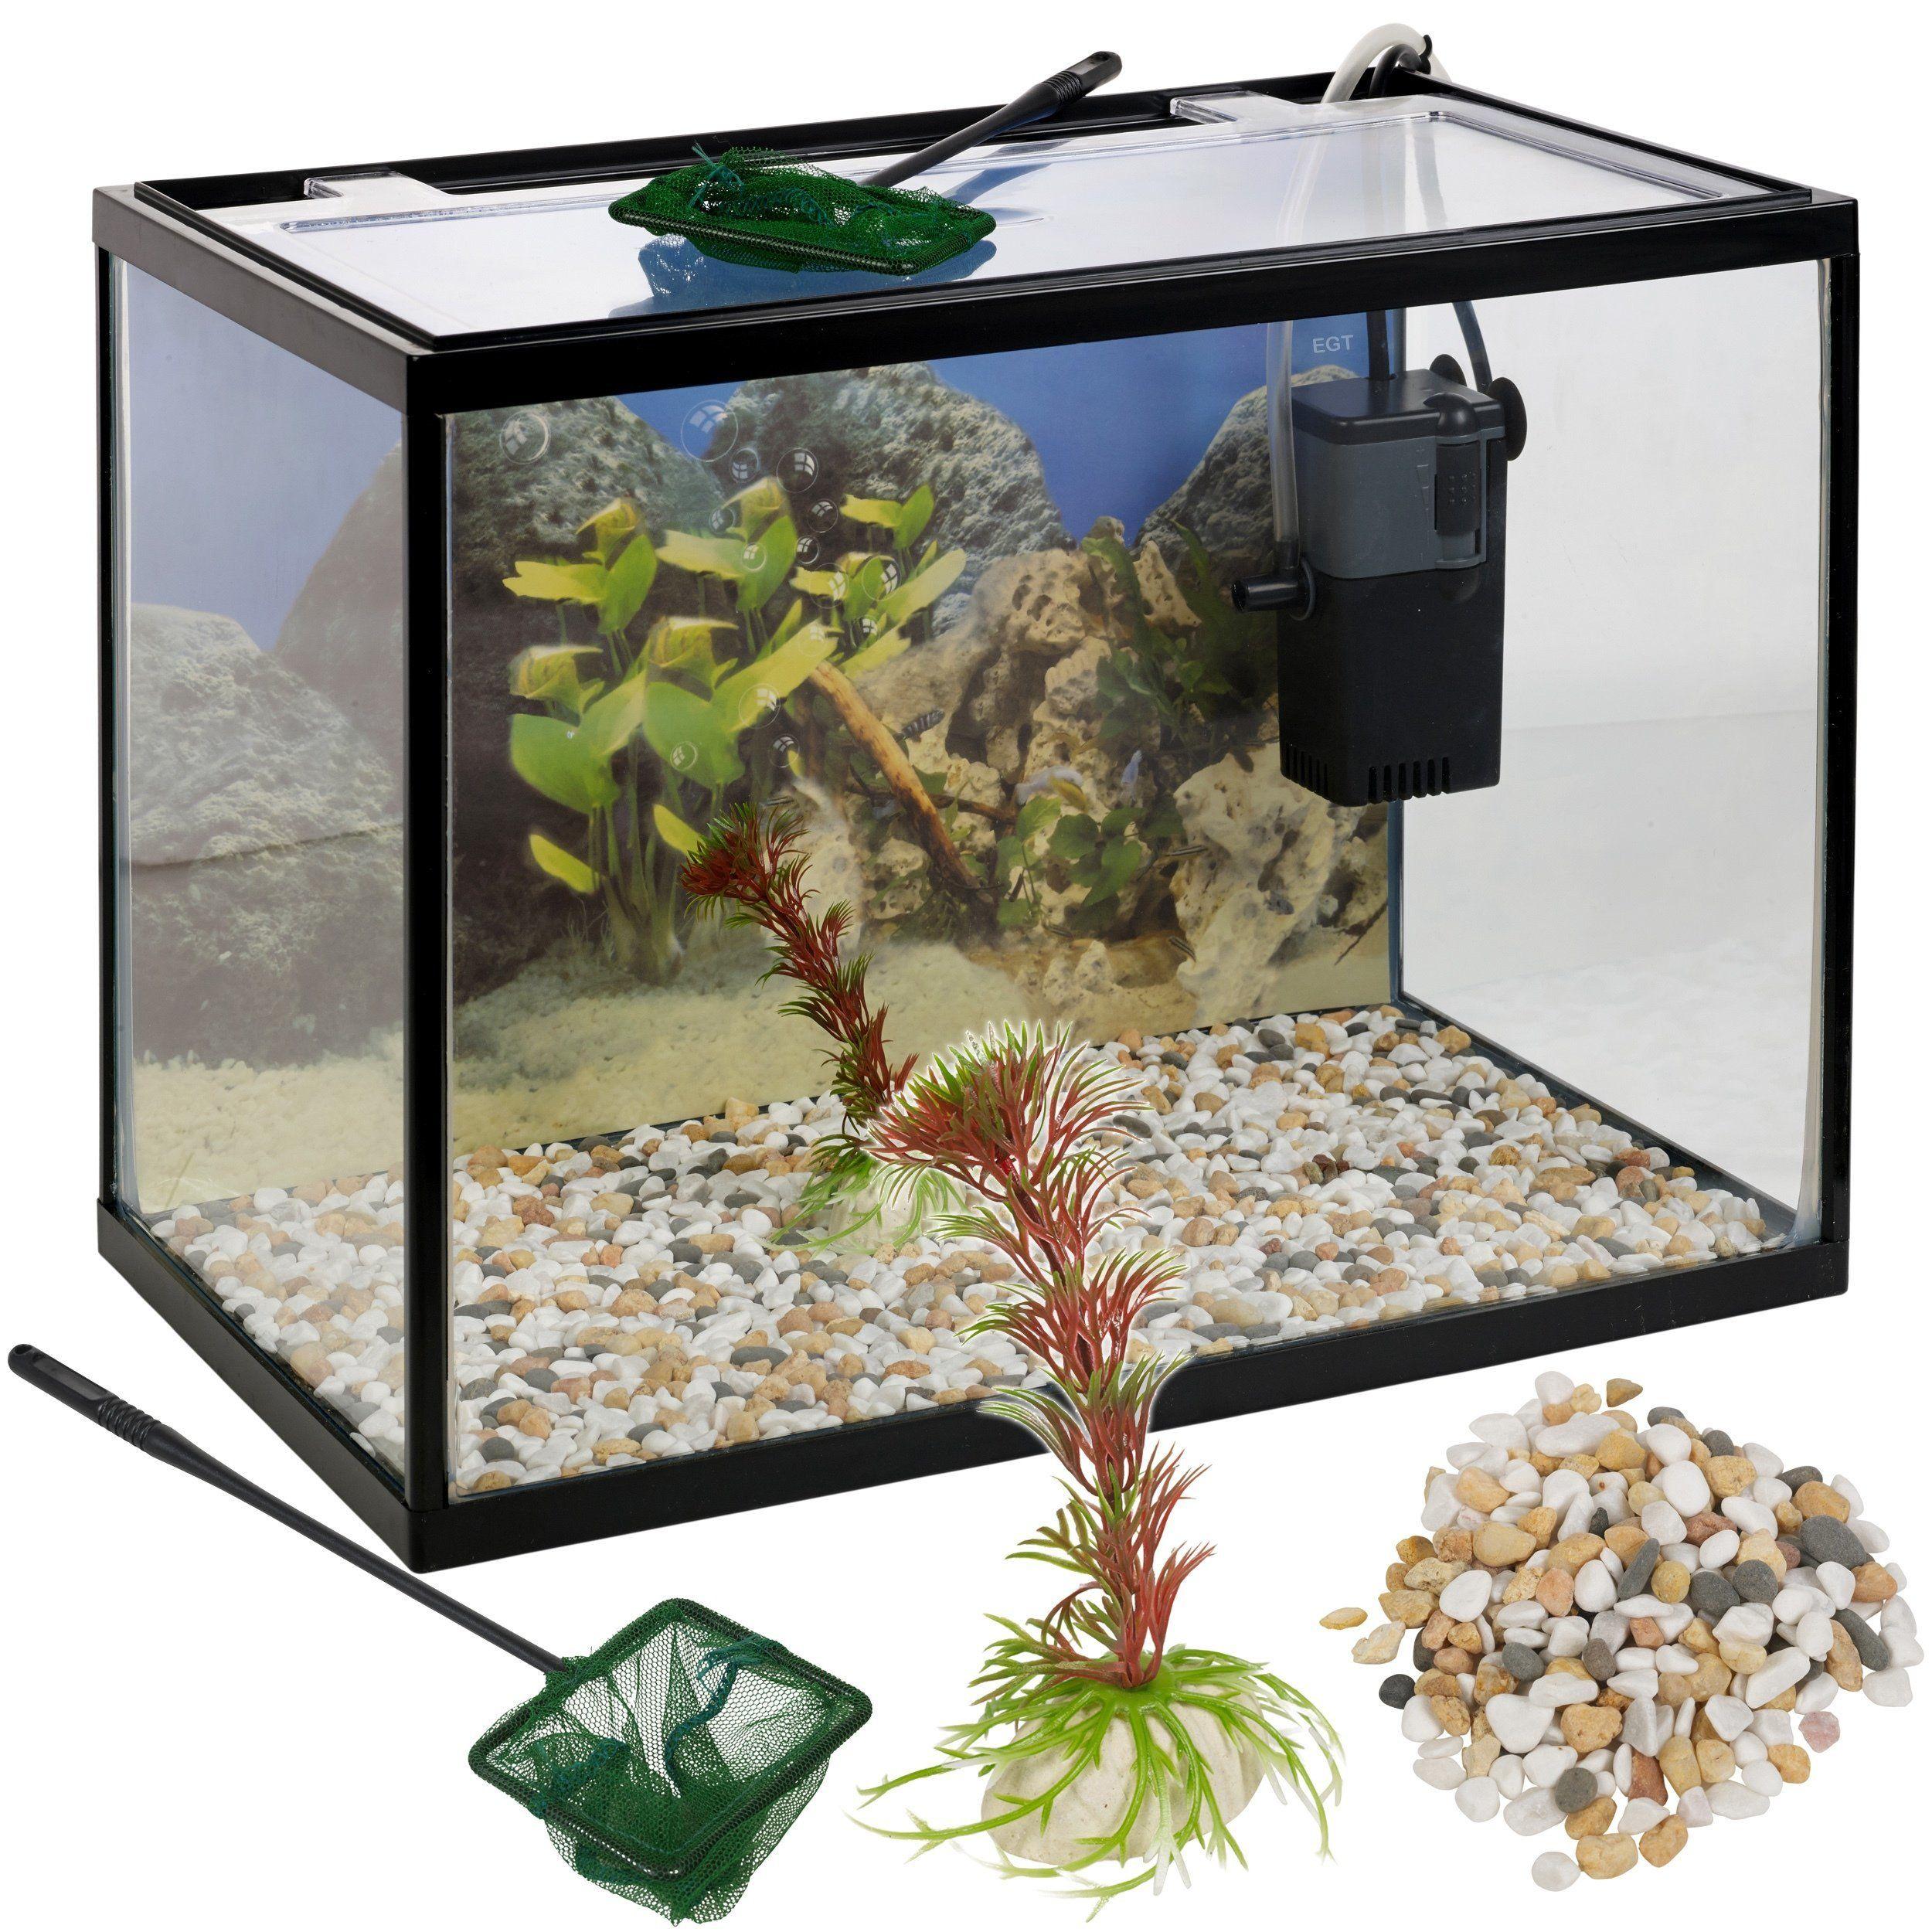 Akvaarium Tarvikutega Hind Ja Info With Images Aquarium Fish Tank Aquarium Glass Aquarium